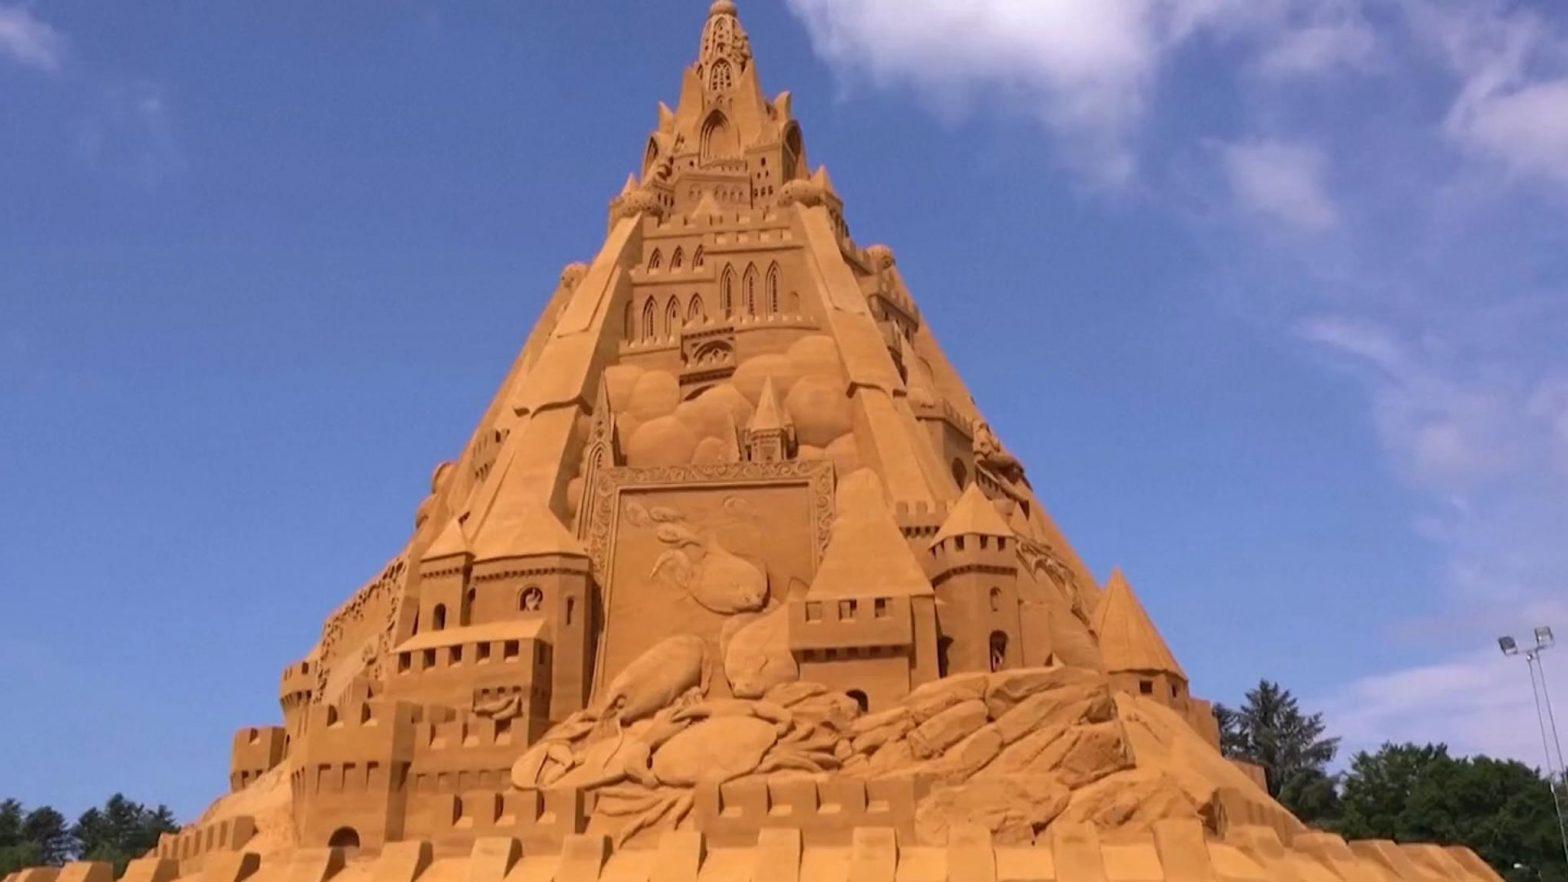 World's tallest sandcastle constructed in Denmark_40.1